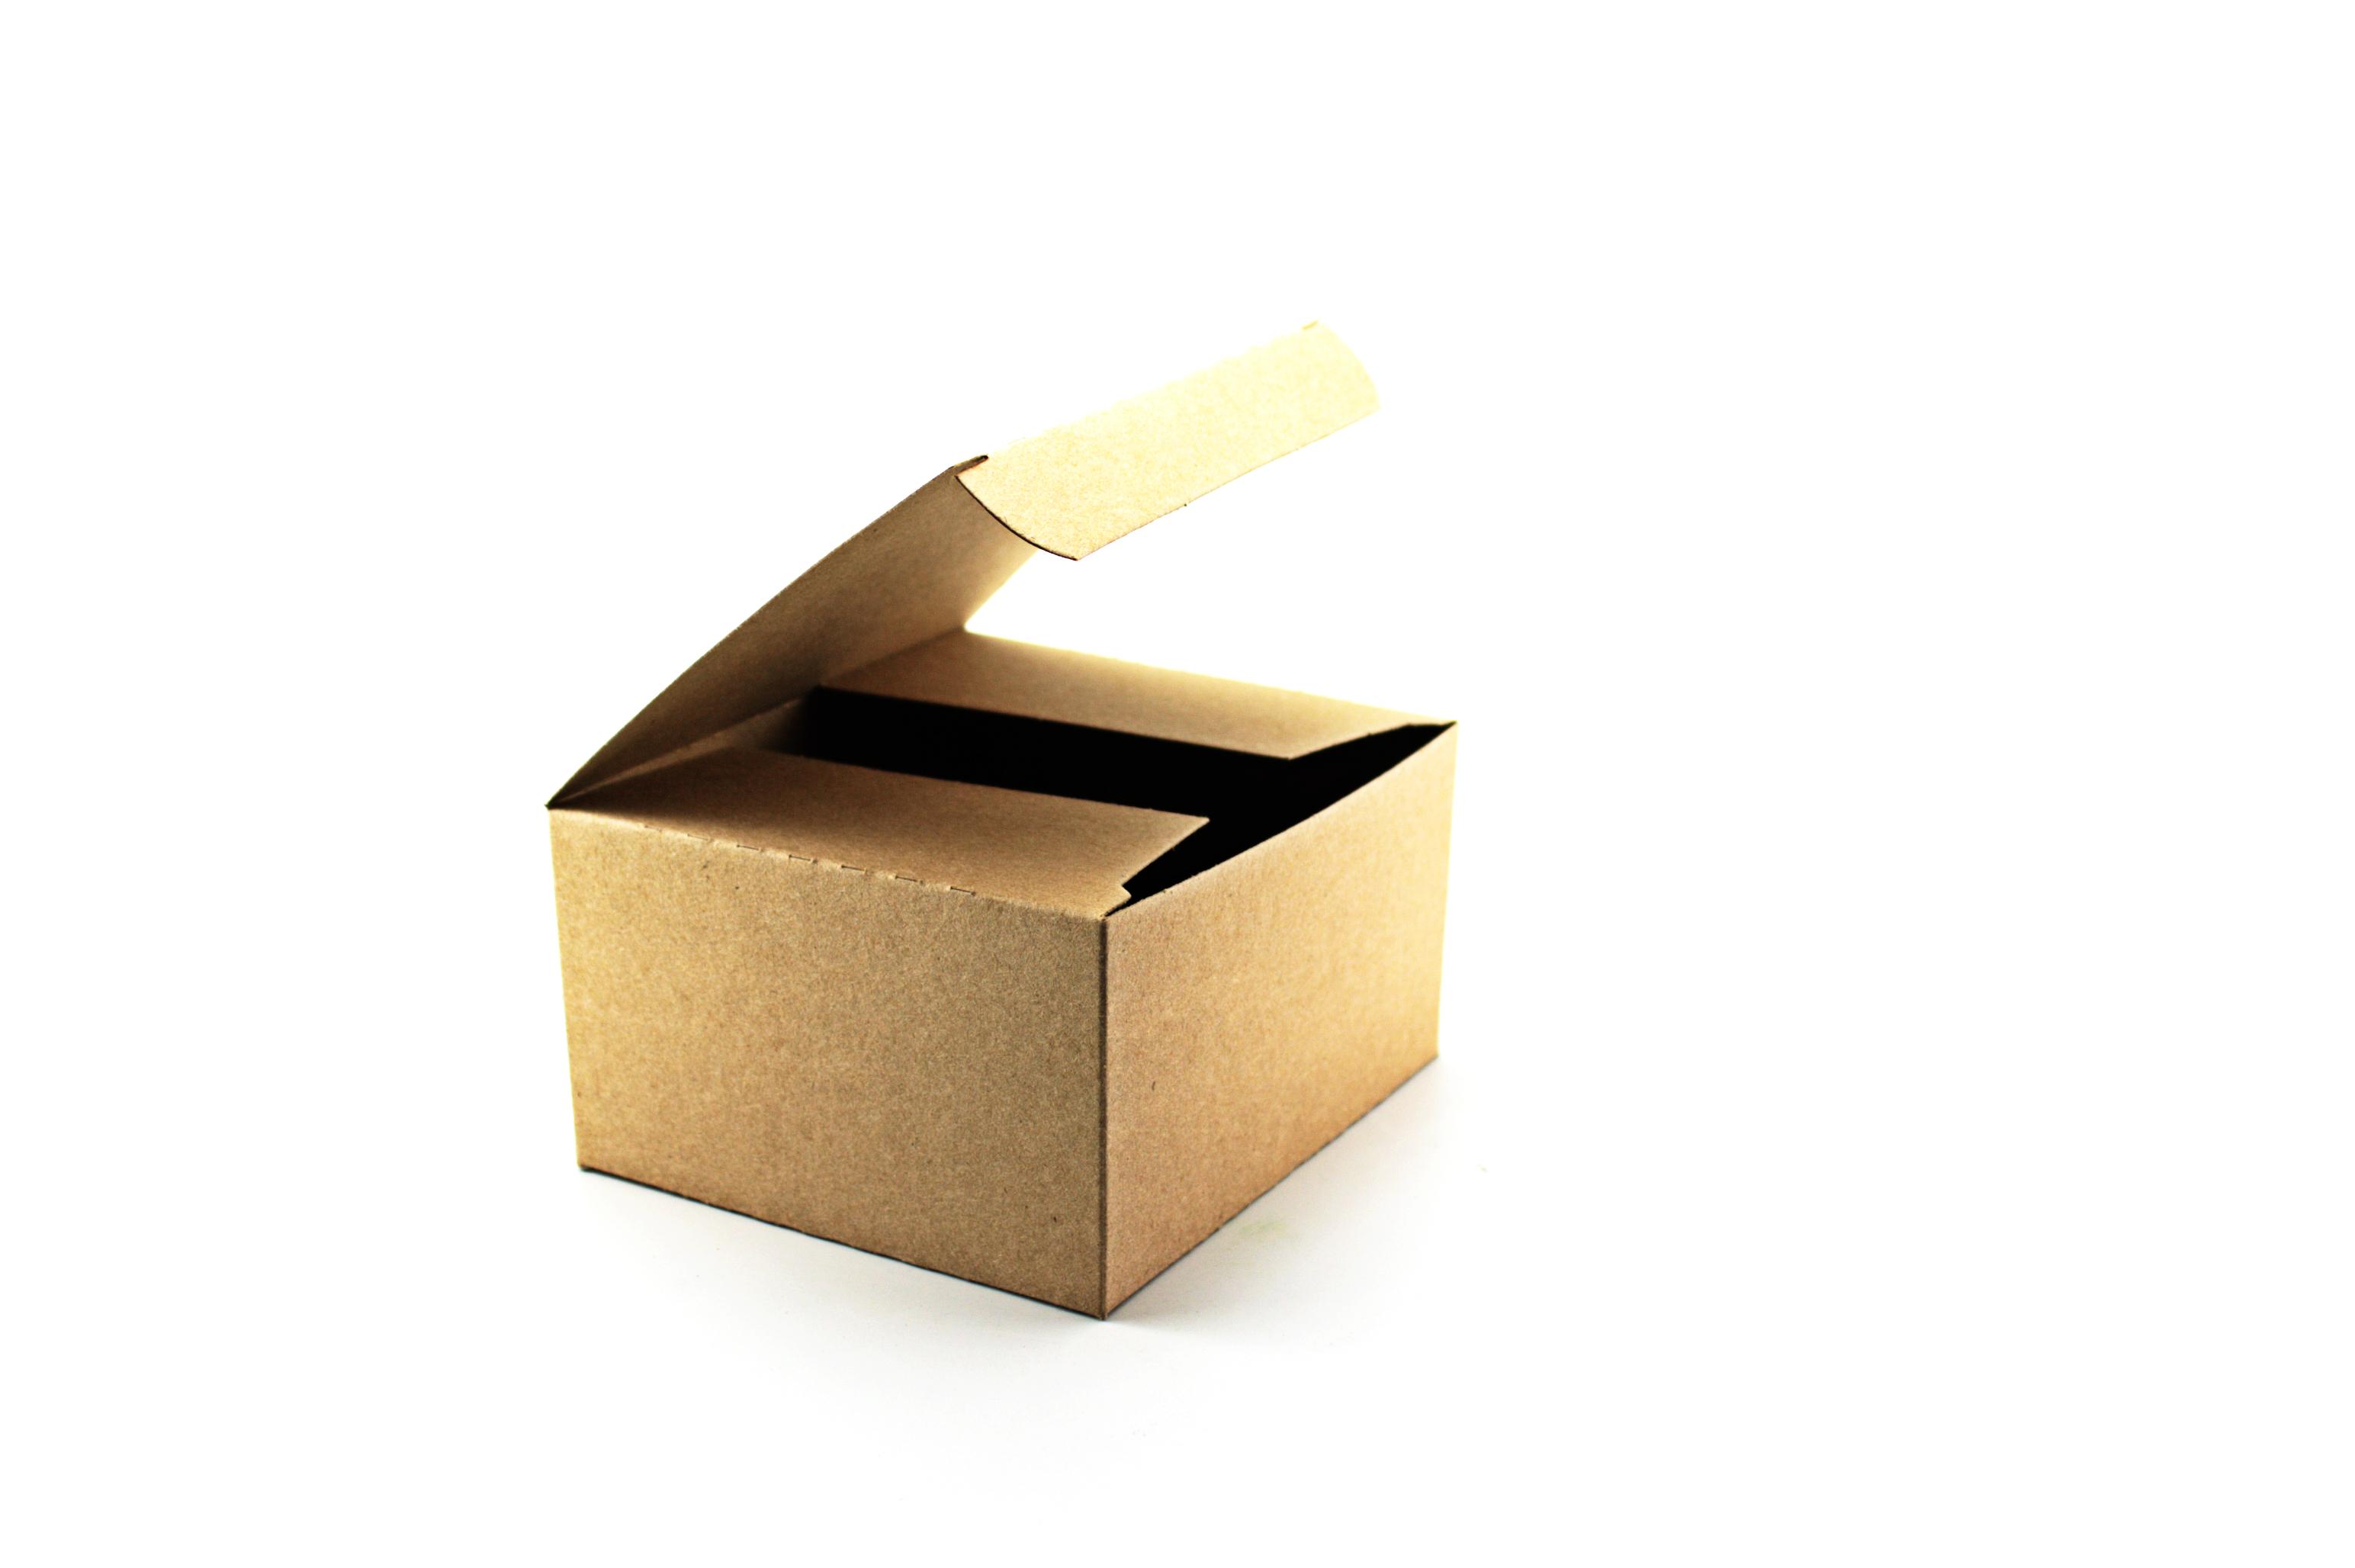 cardboard box, Beige, Post, One, Order, HQ Photo